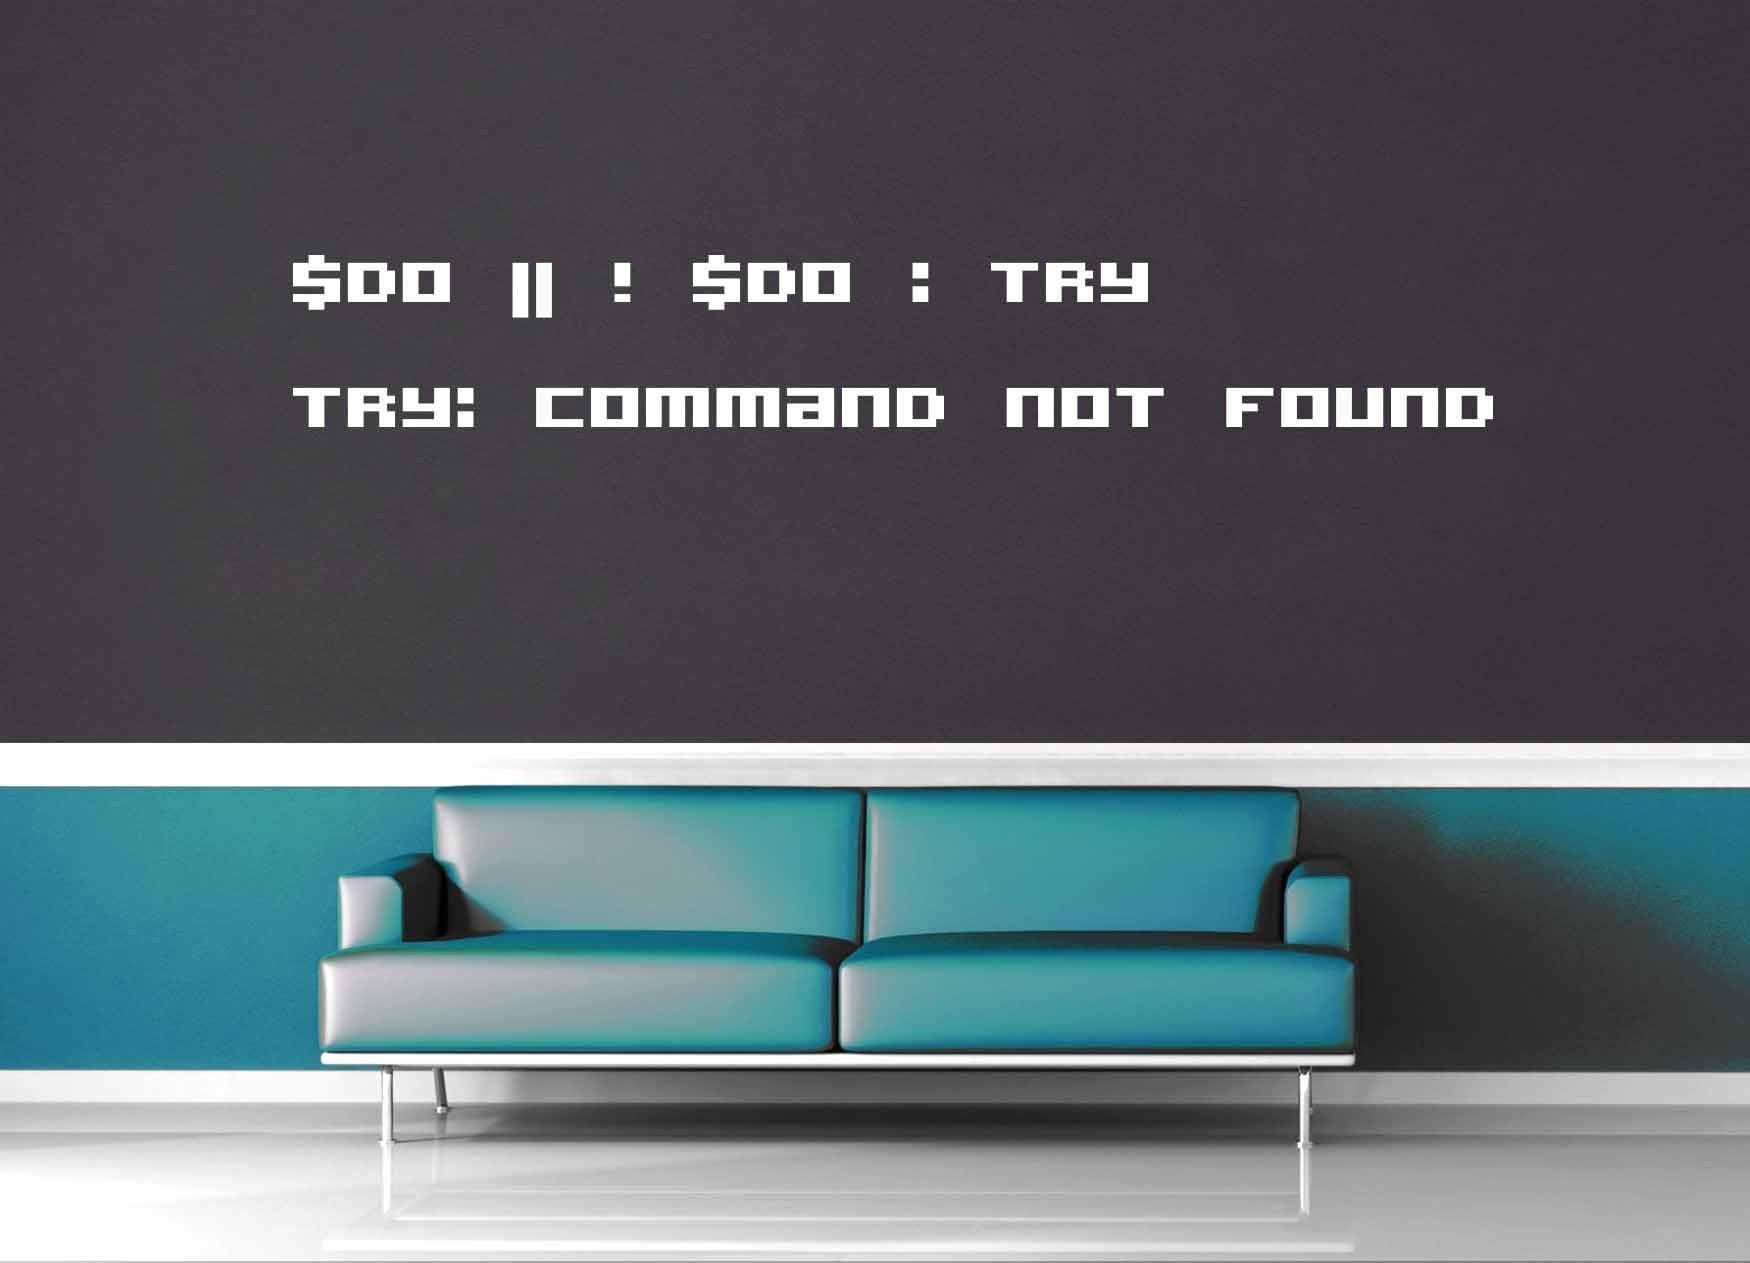 Do or Do Not - Star Wars Quote - Wall Decal  #decoration #geekerymade #oracal #InteriorDesign #handmade #décor #HomeDécor #CutSticker #decal #geek